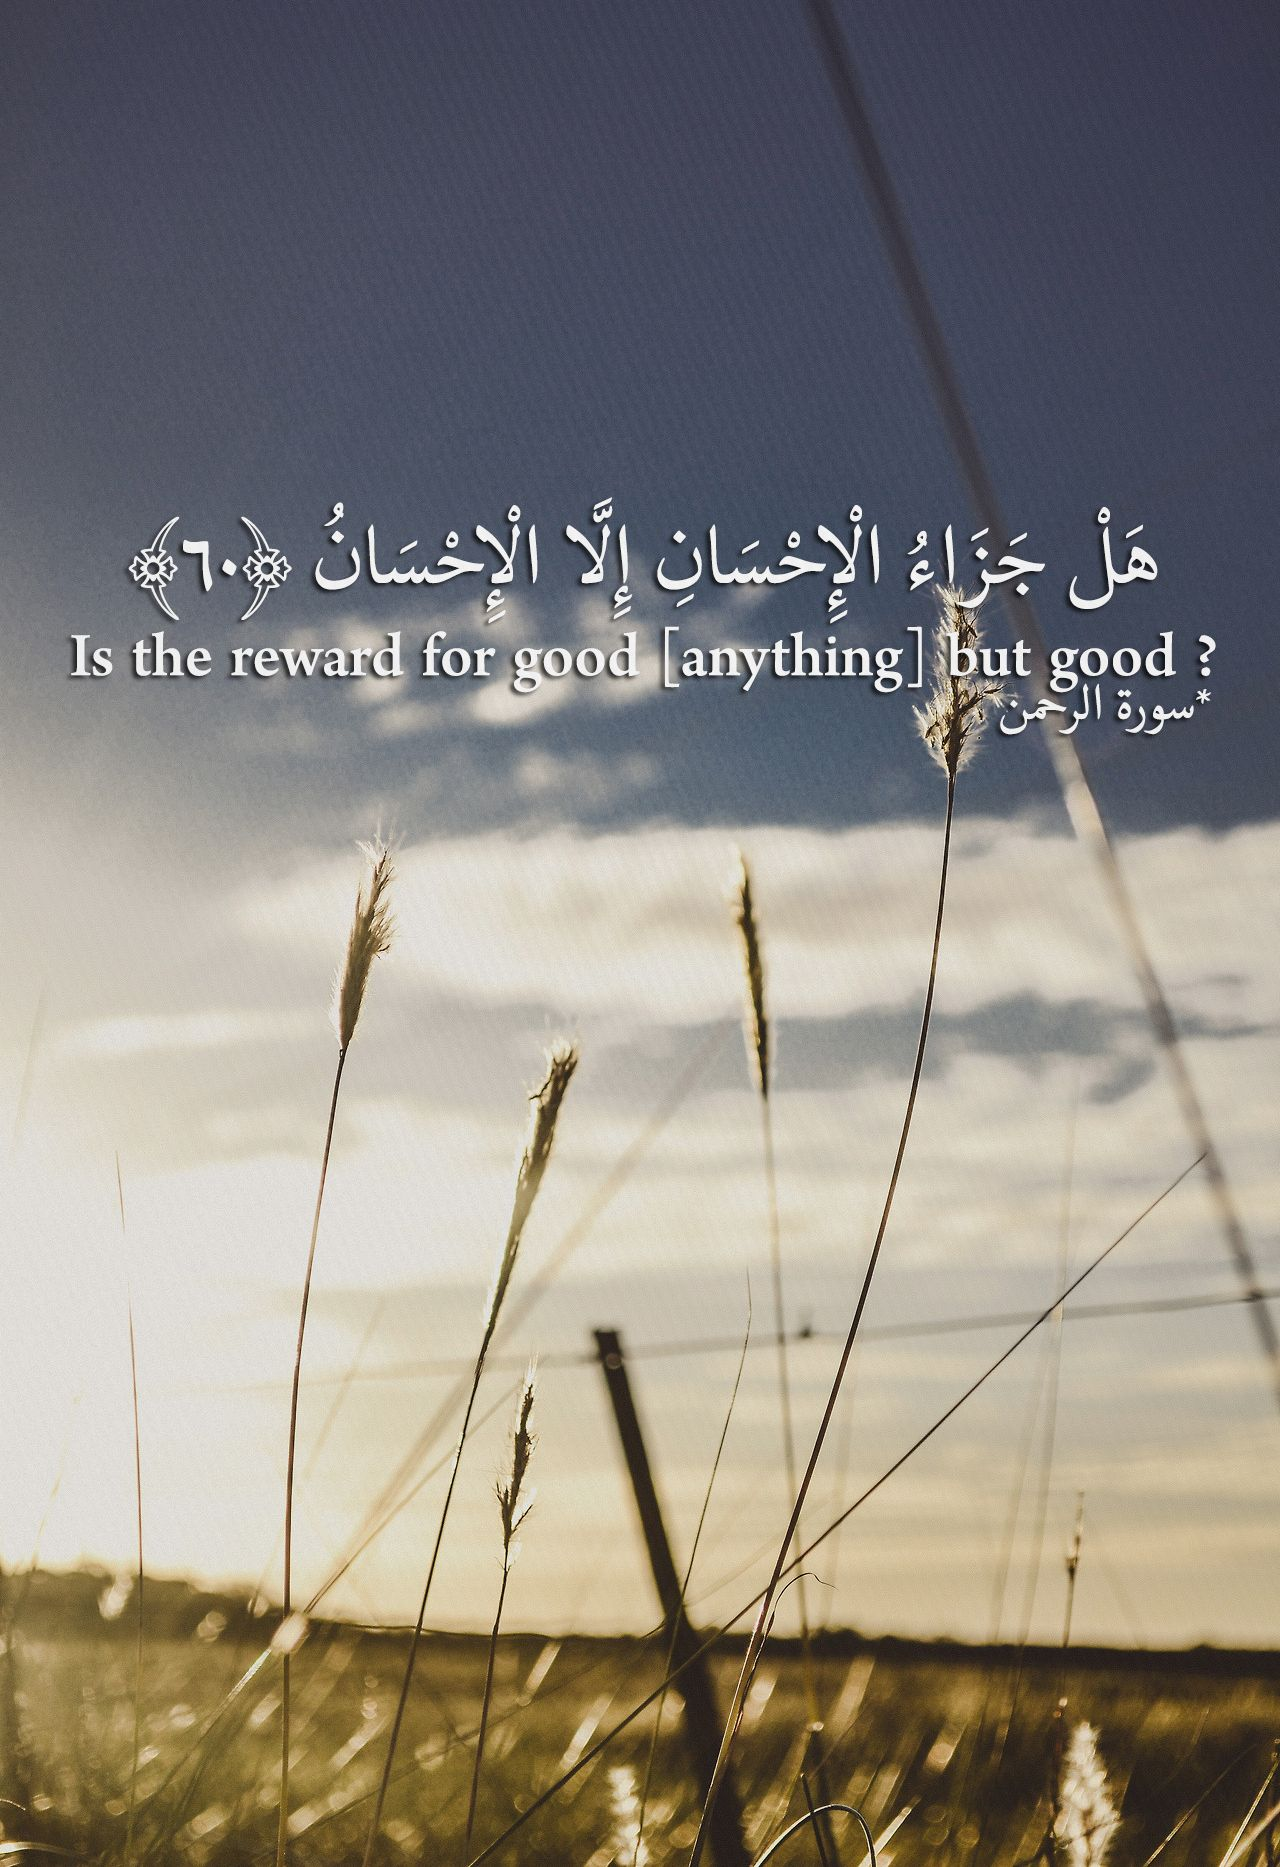 هل جزاء الإحسان إلا الإحسان Quran Quotes Quran Islamic Quotes